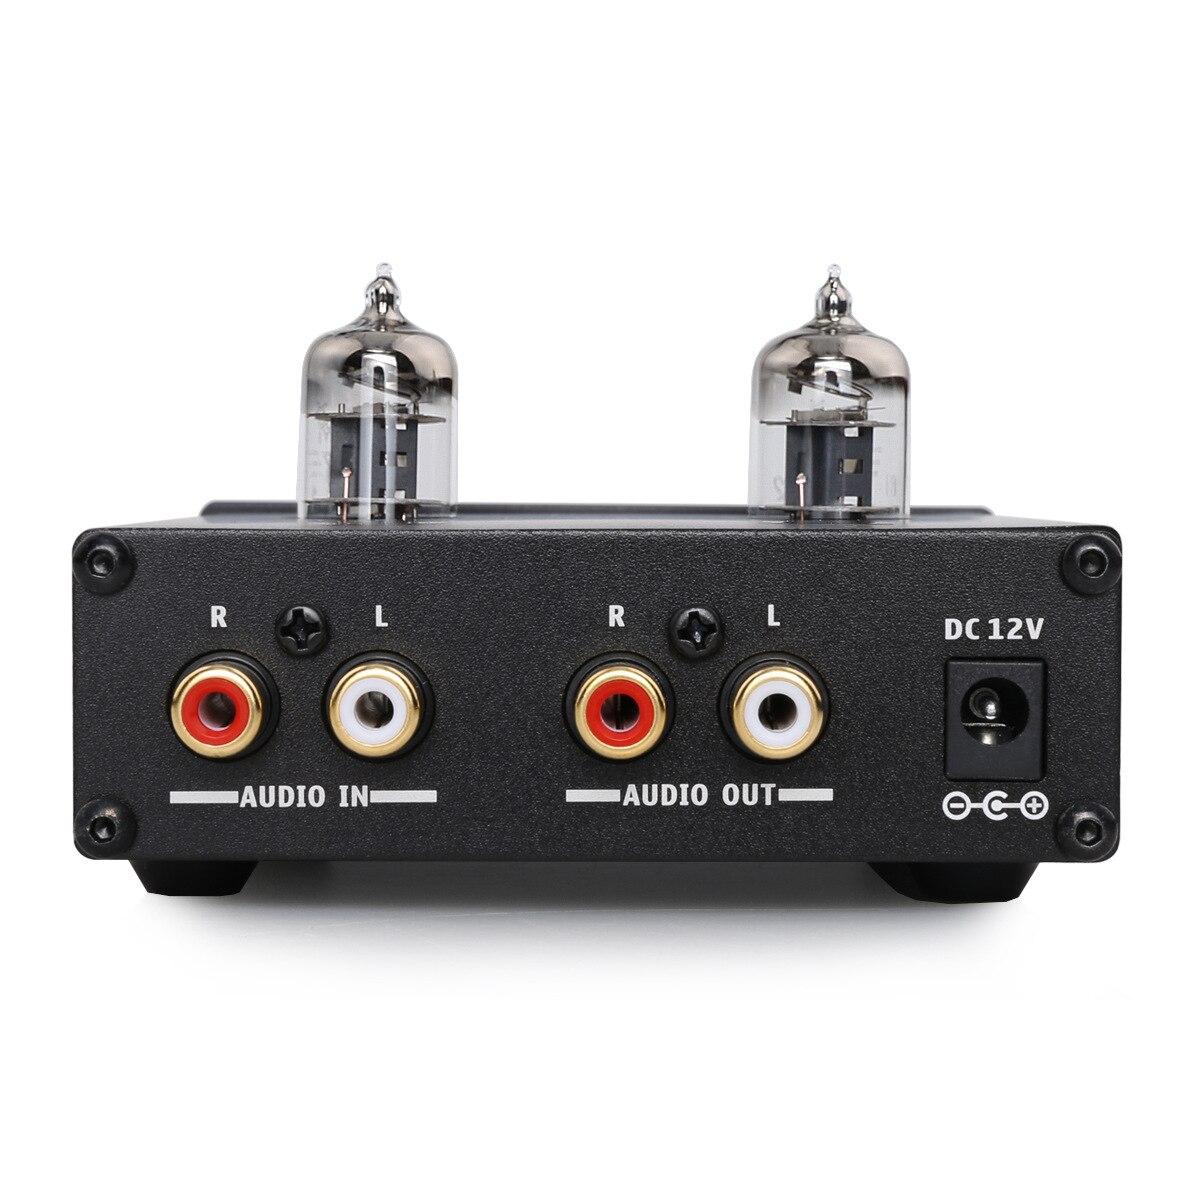 Amplificateur à Tube platine vinyle aluminium enregistreur universel 6J1 préamplificateur casque Mini maison HIFI DC12V1A Support TV DVD DAC téléphone - 2